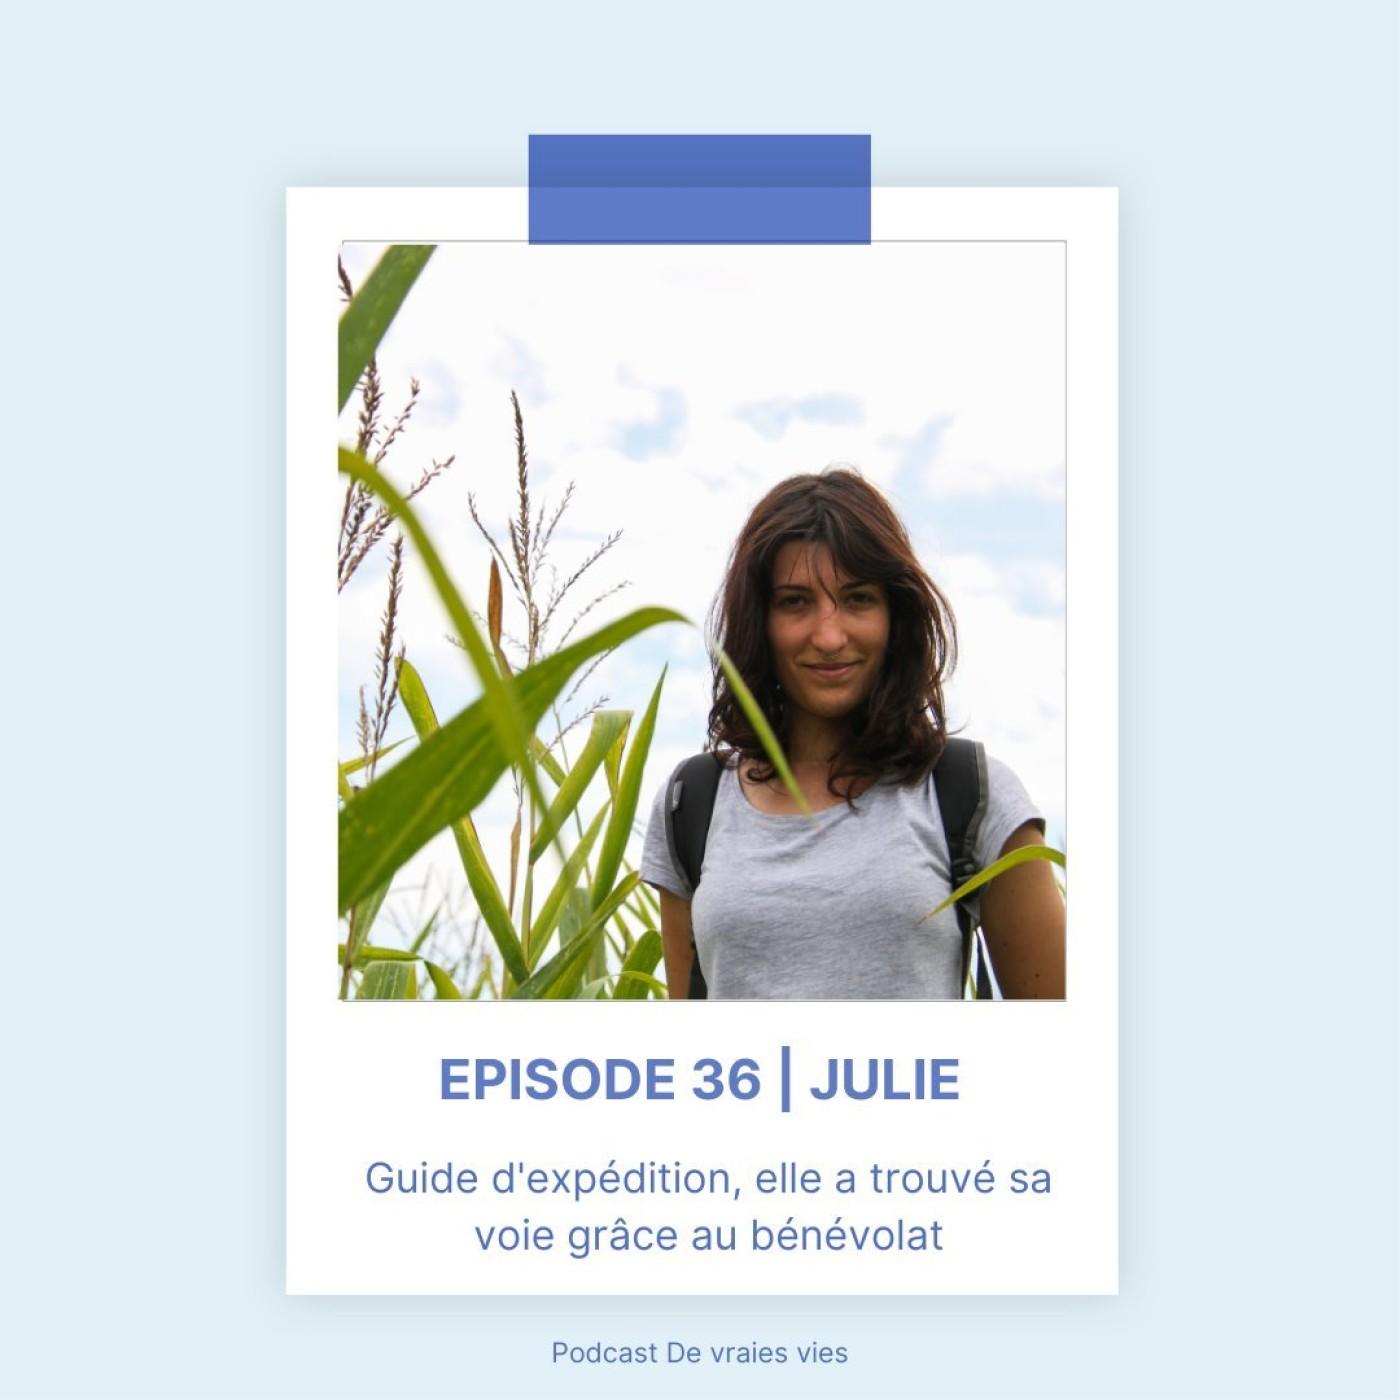 Julie   Guide d'expédition, elle a trouvé sa voie grâce au bénévolat !